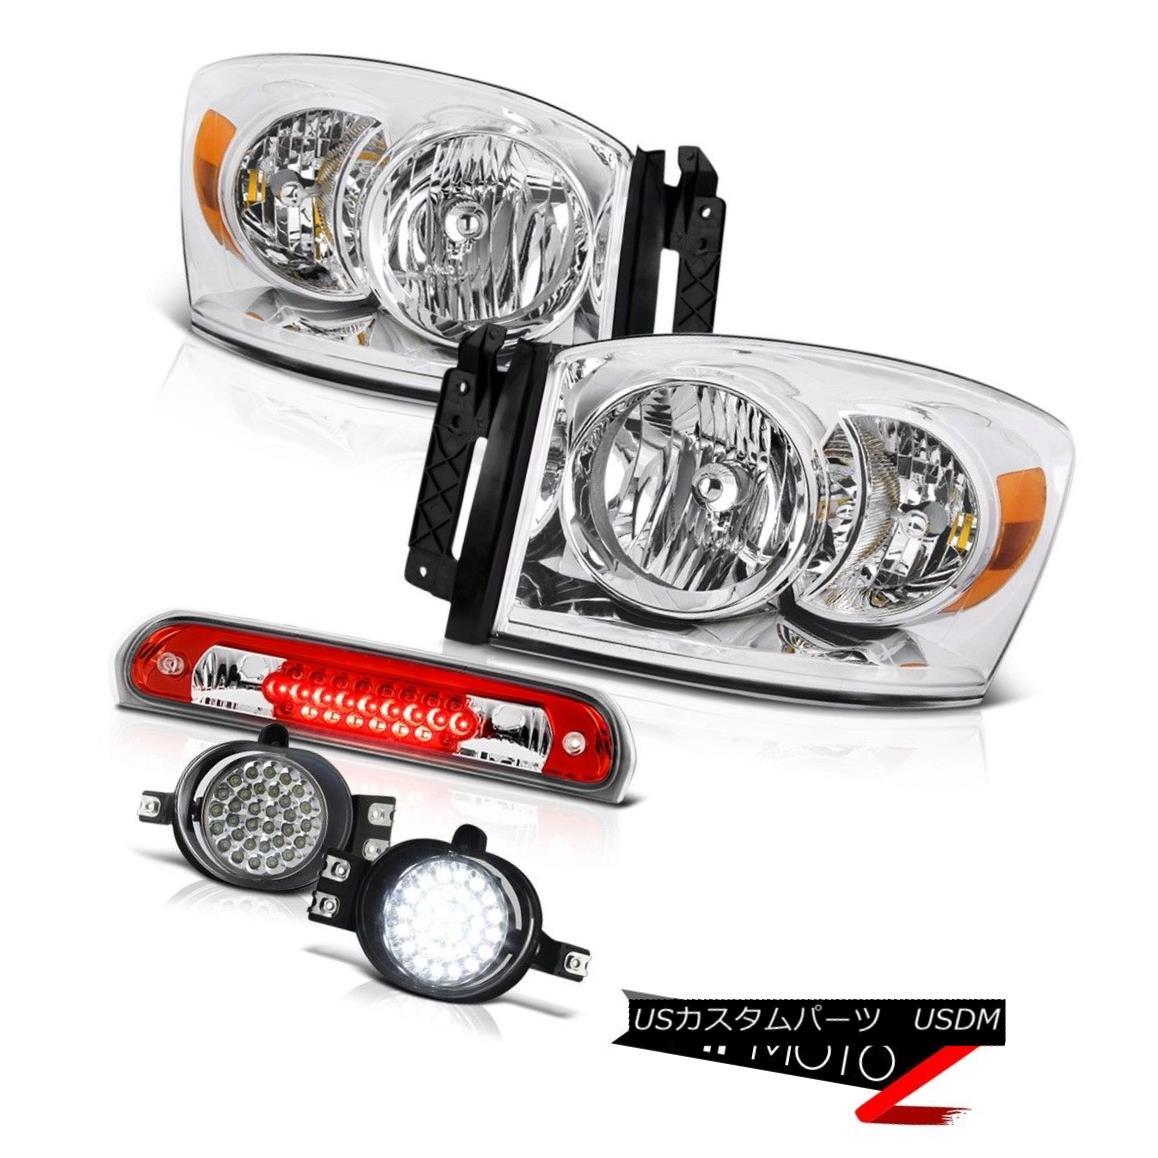 ヘッドライト Crystal Clear Headlights LED Trim Fog Third Brake Cargo 2007-2008 Dodge Ram 1500 クリスタルクリアヘッドライトLEDトリムフォグサードブレーキ貨物2007-2008ダッジラム1500